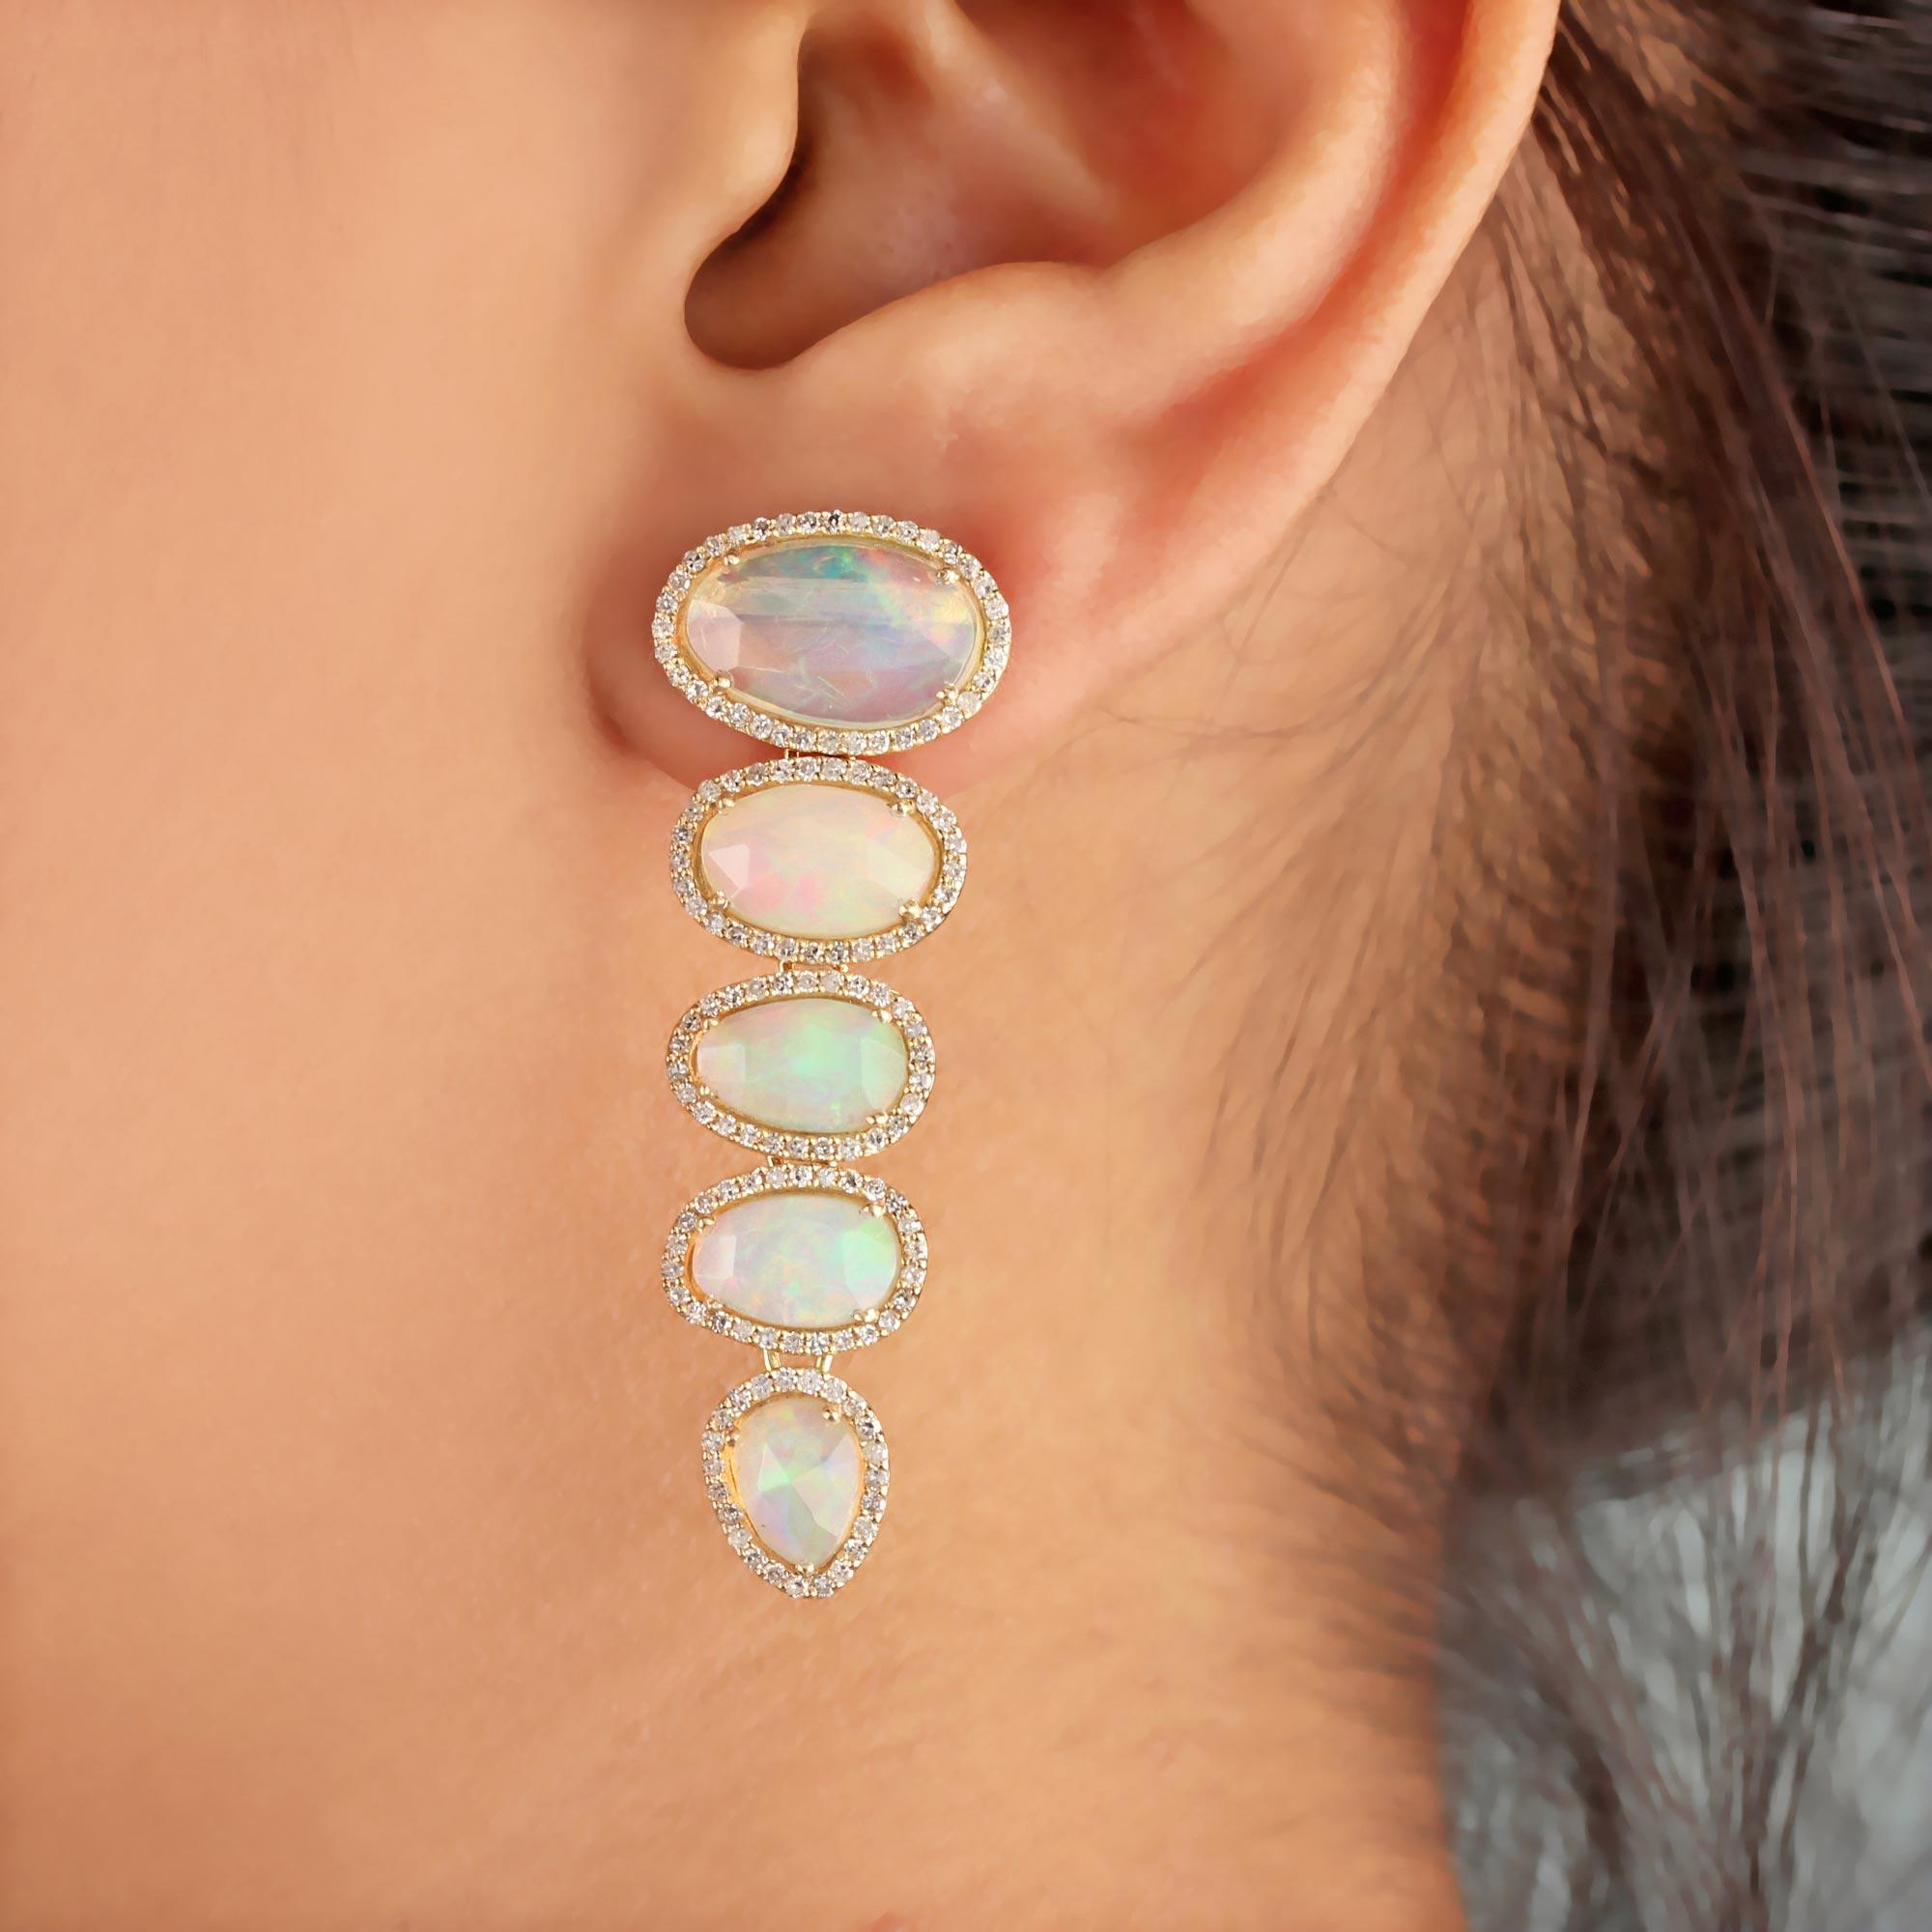 14K Solid Gold Opal Gemstone Dangle Earrings Pave Diamond Jewelry